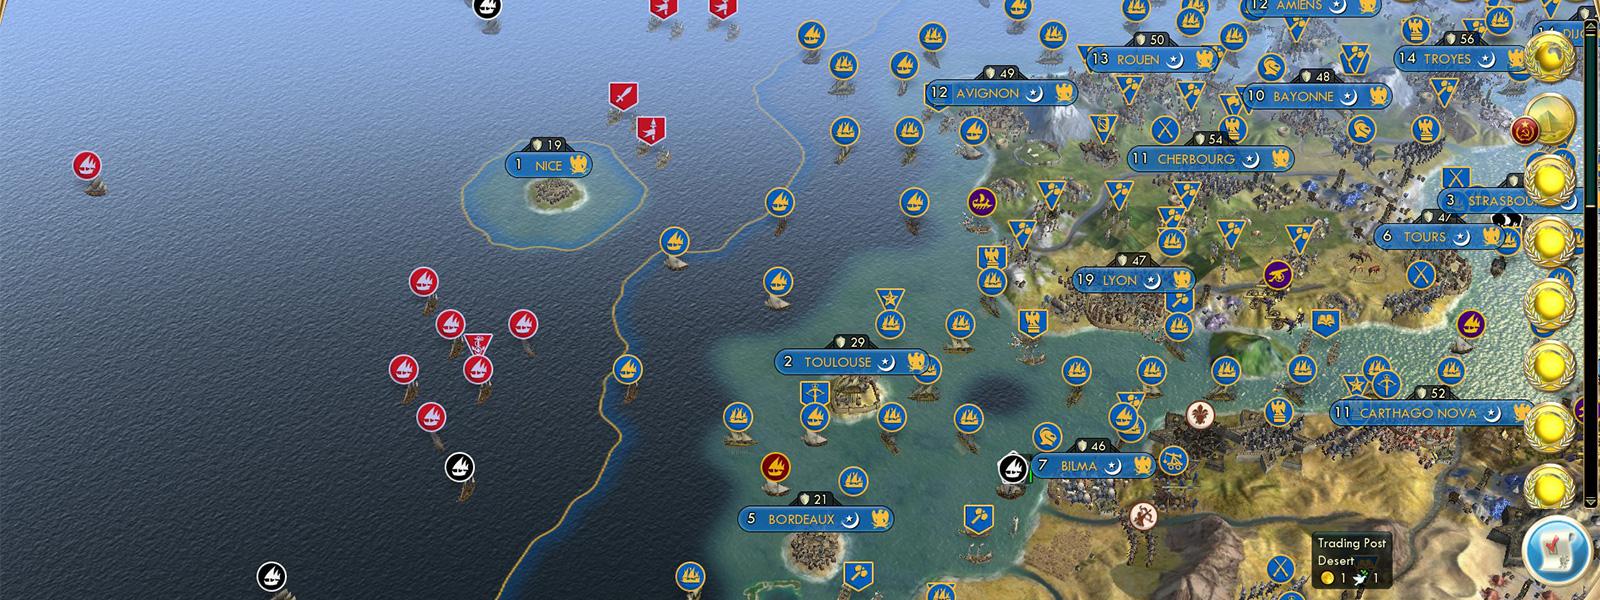 Цивилизация 5 как сделать свою цивилизацию